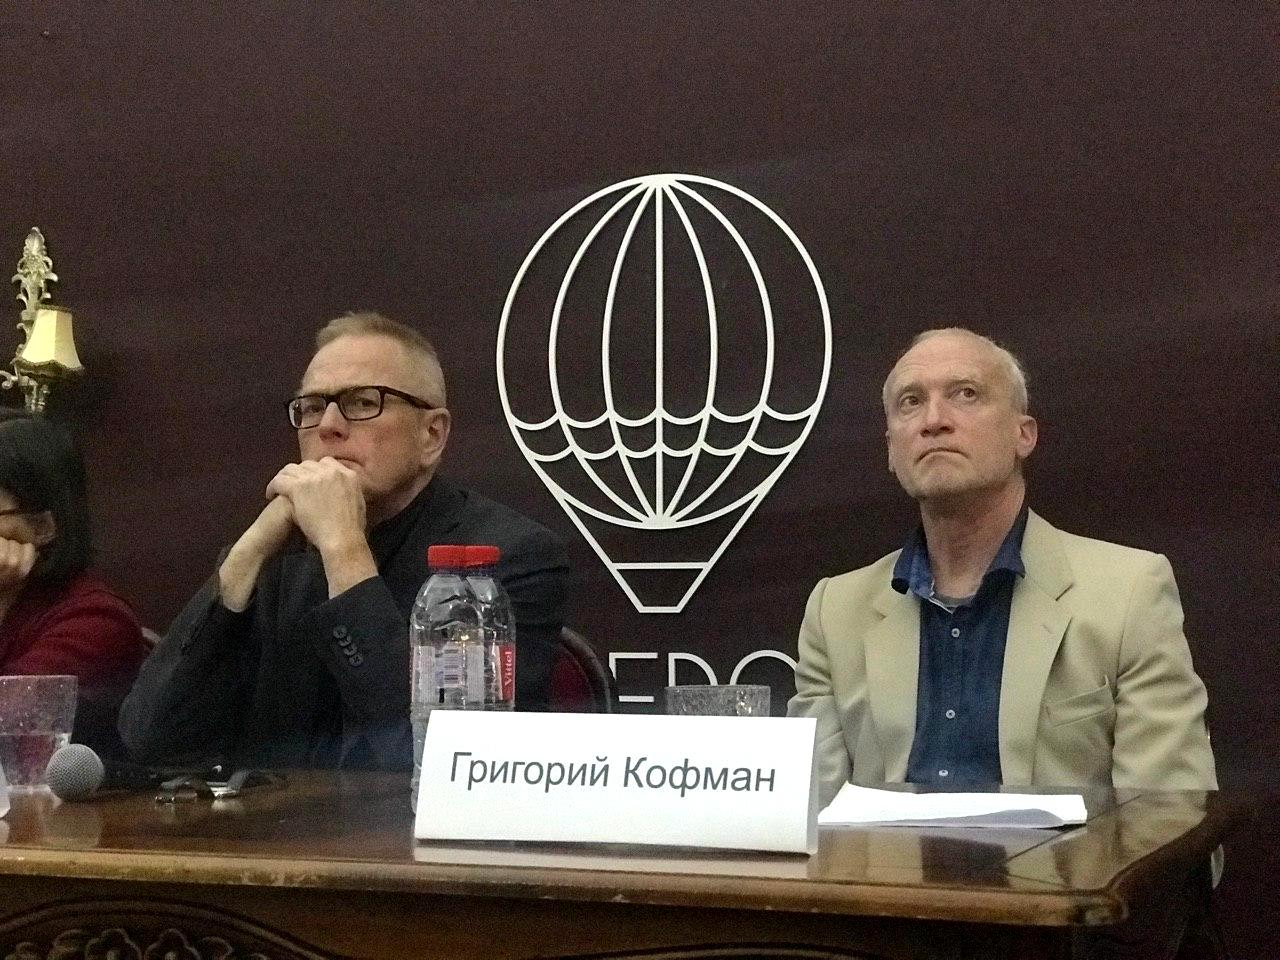 В Санкт-Петербурге прошли две лекции о правах человека в Германии и России